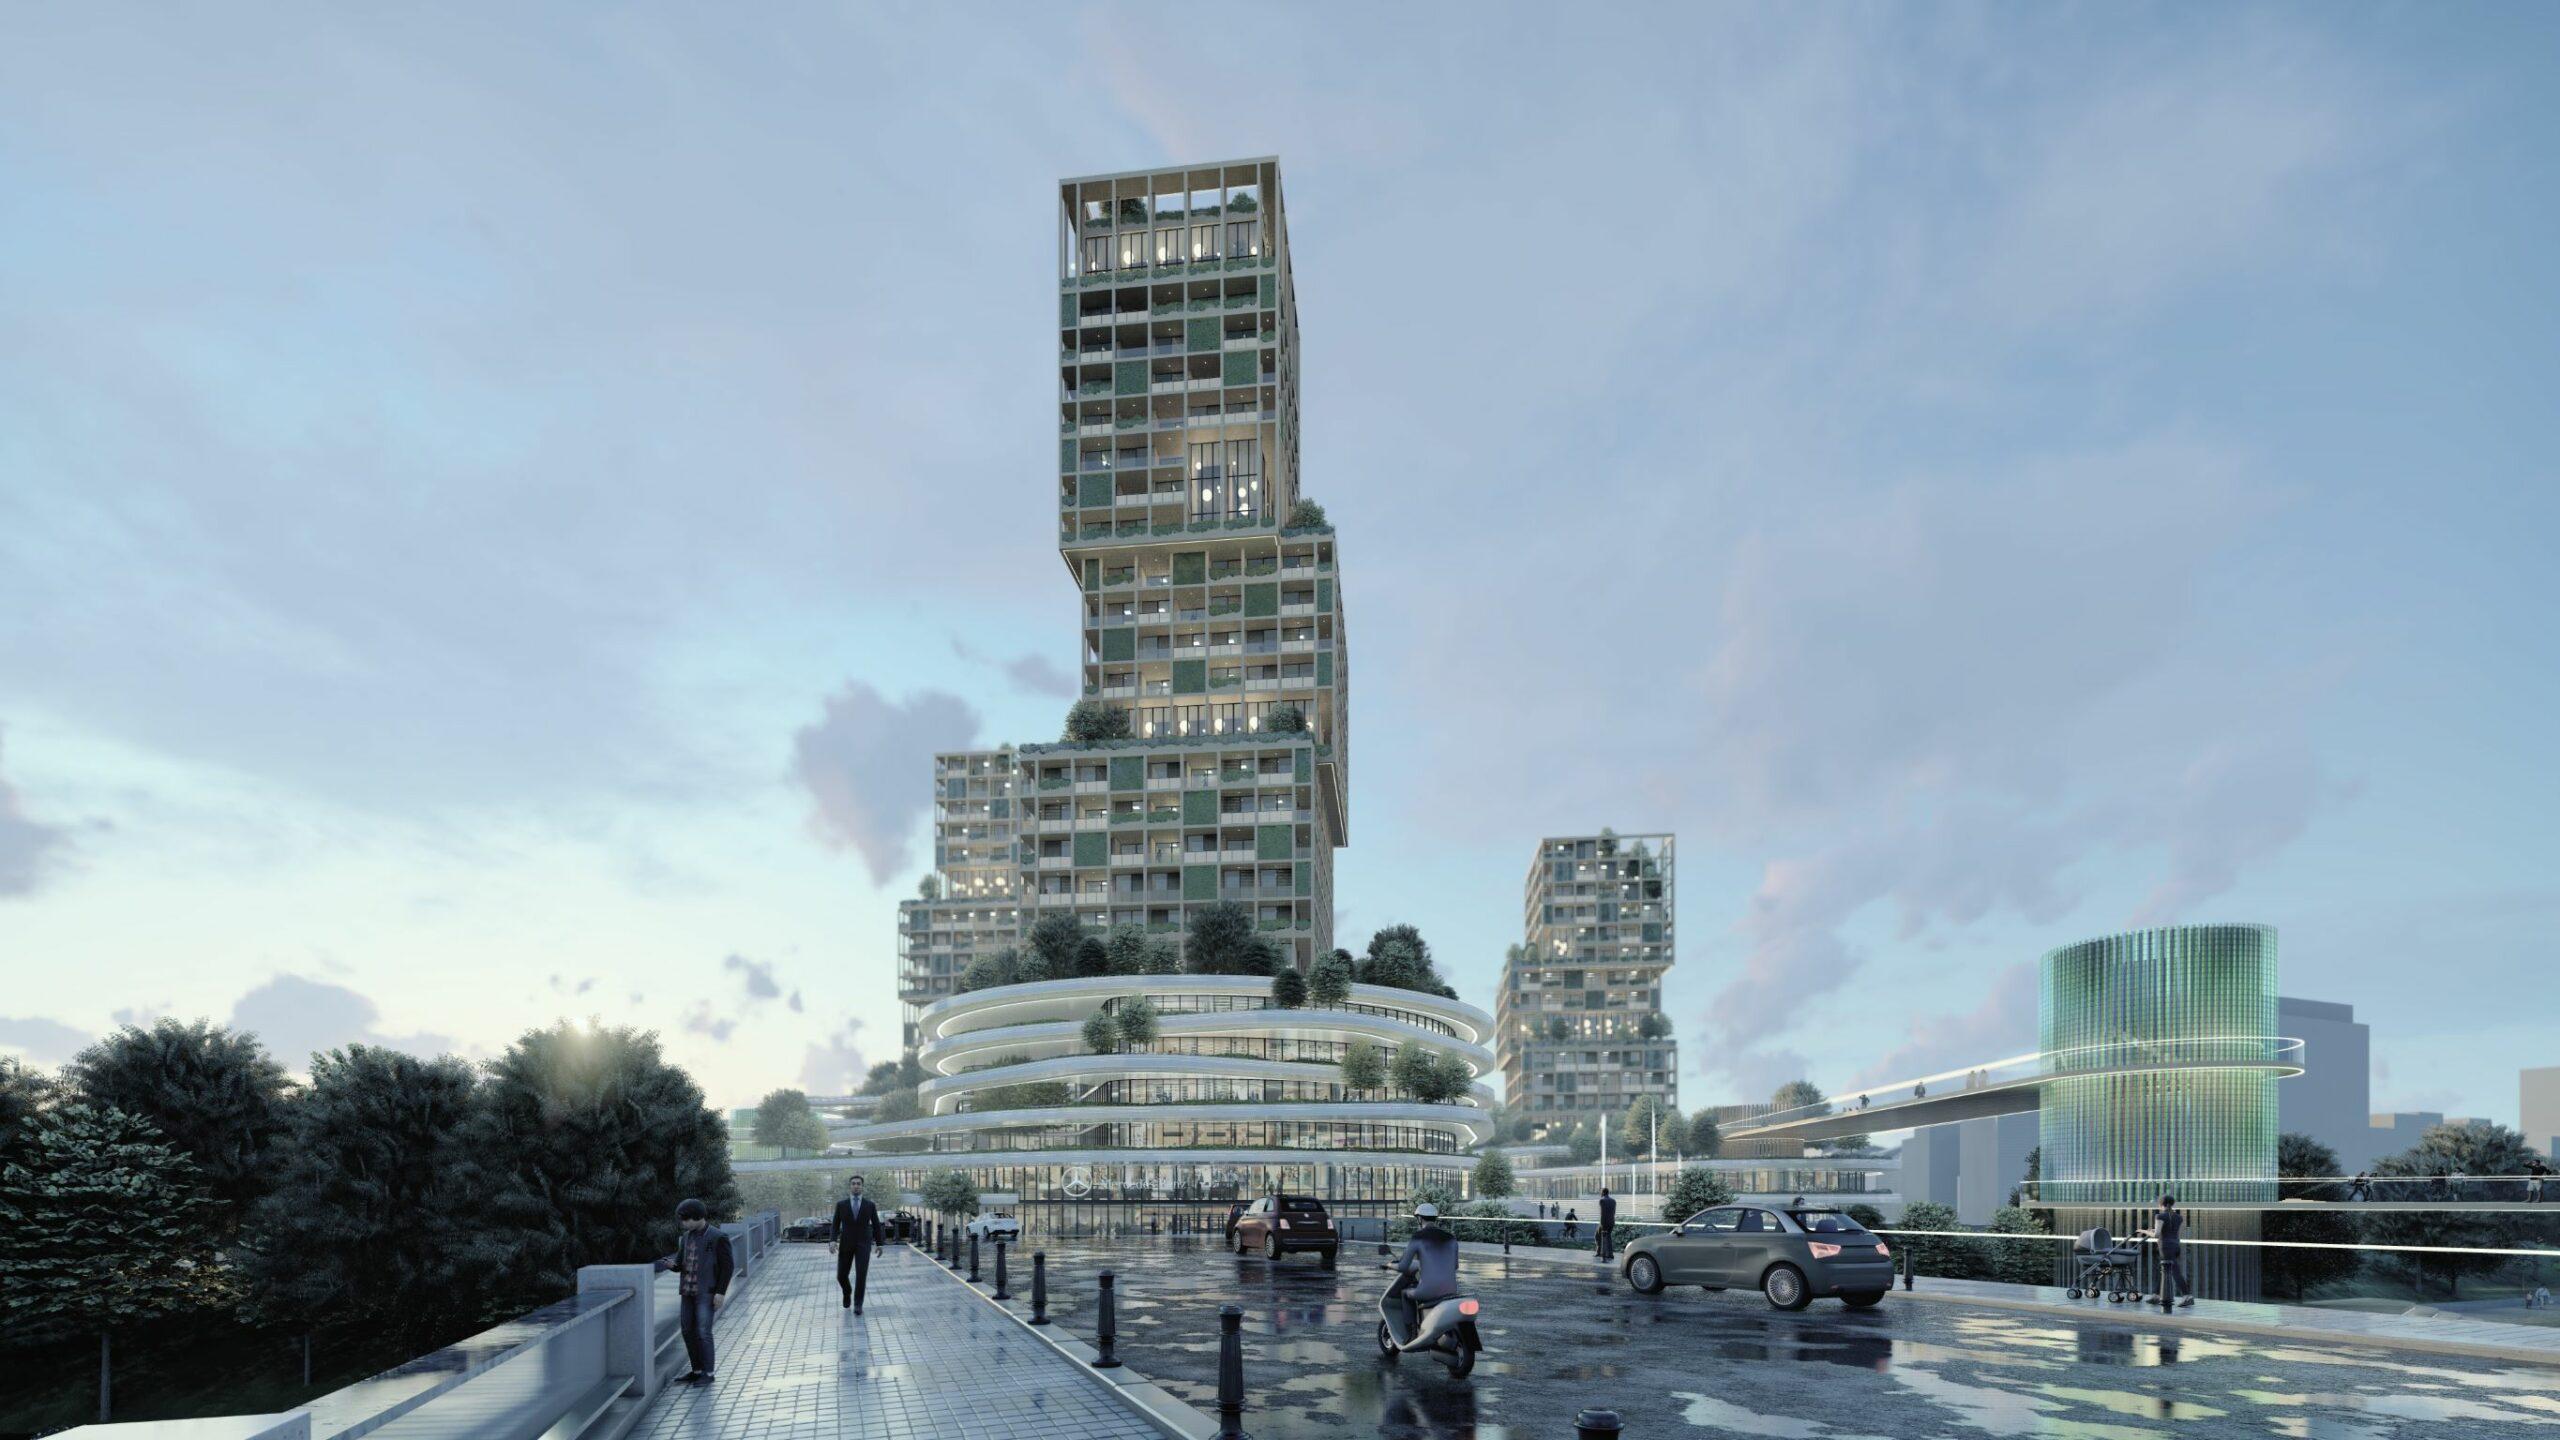 Ensemble de 3 tours mixtes en ossature bois - SIA.architects